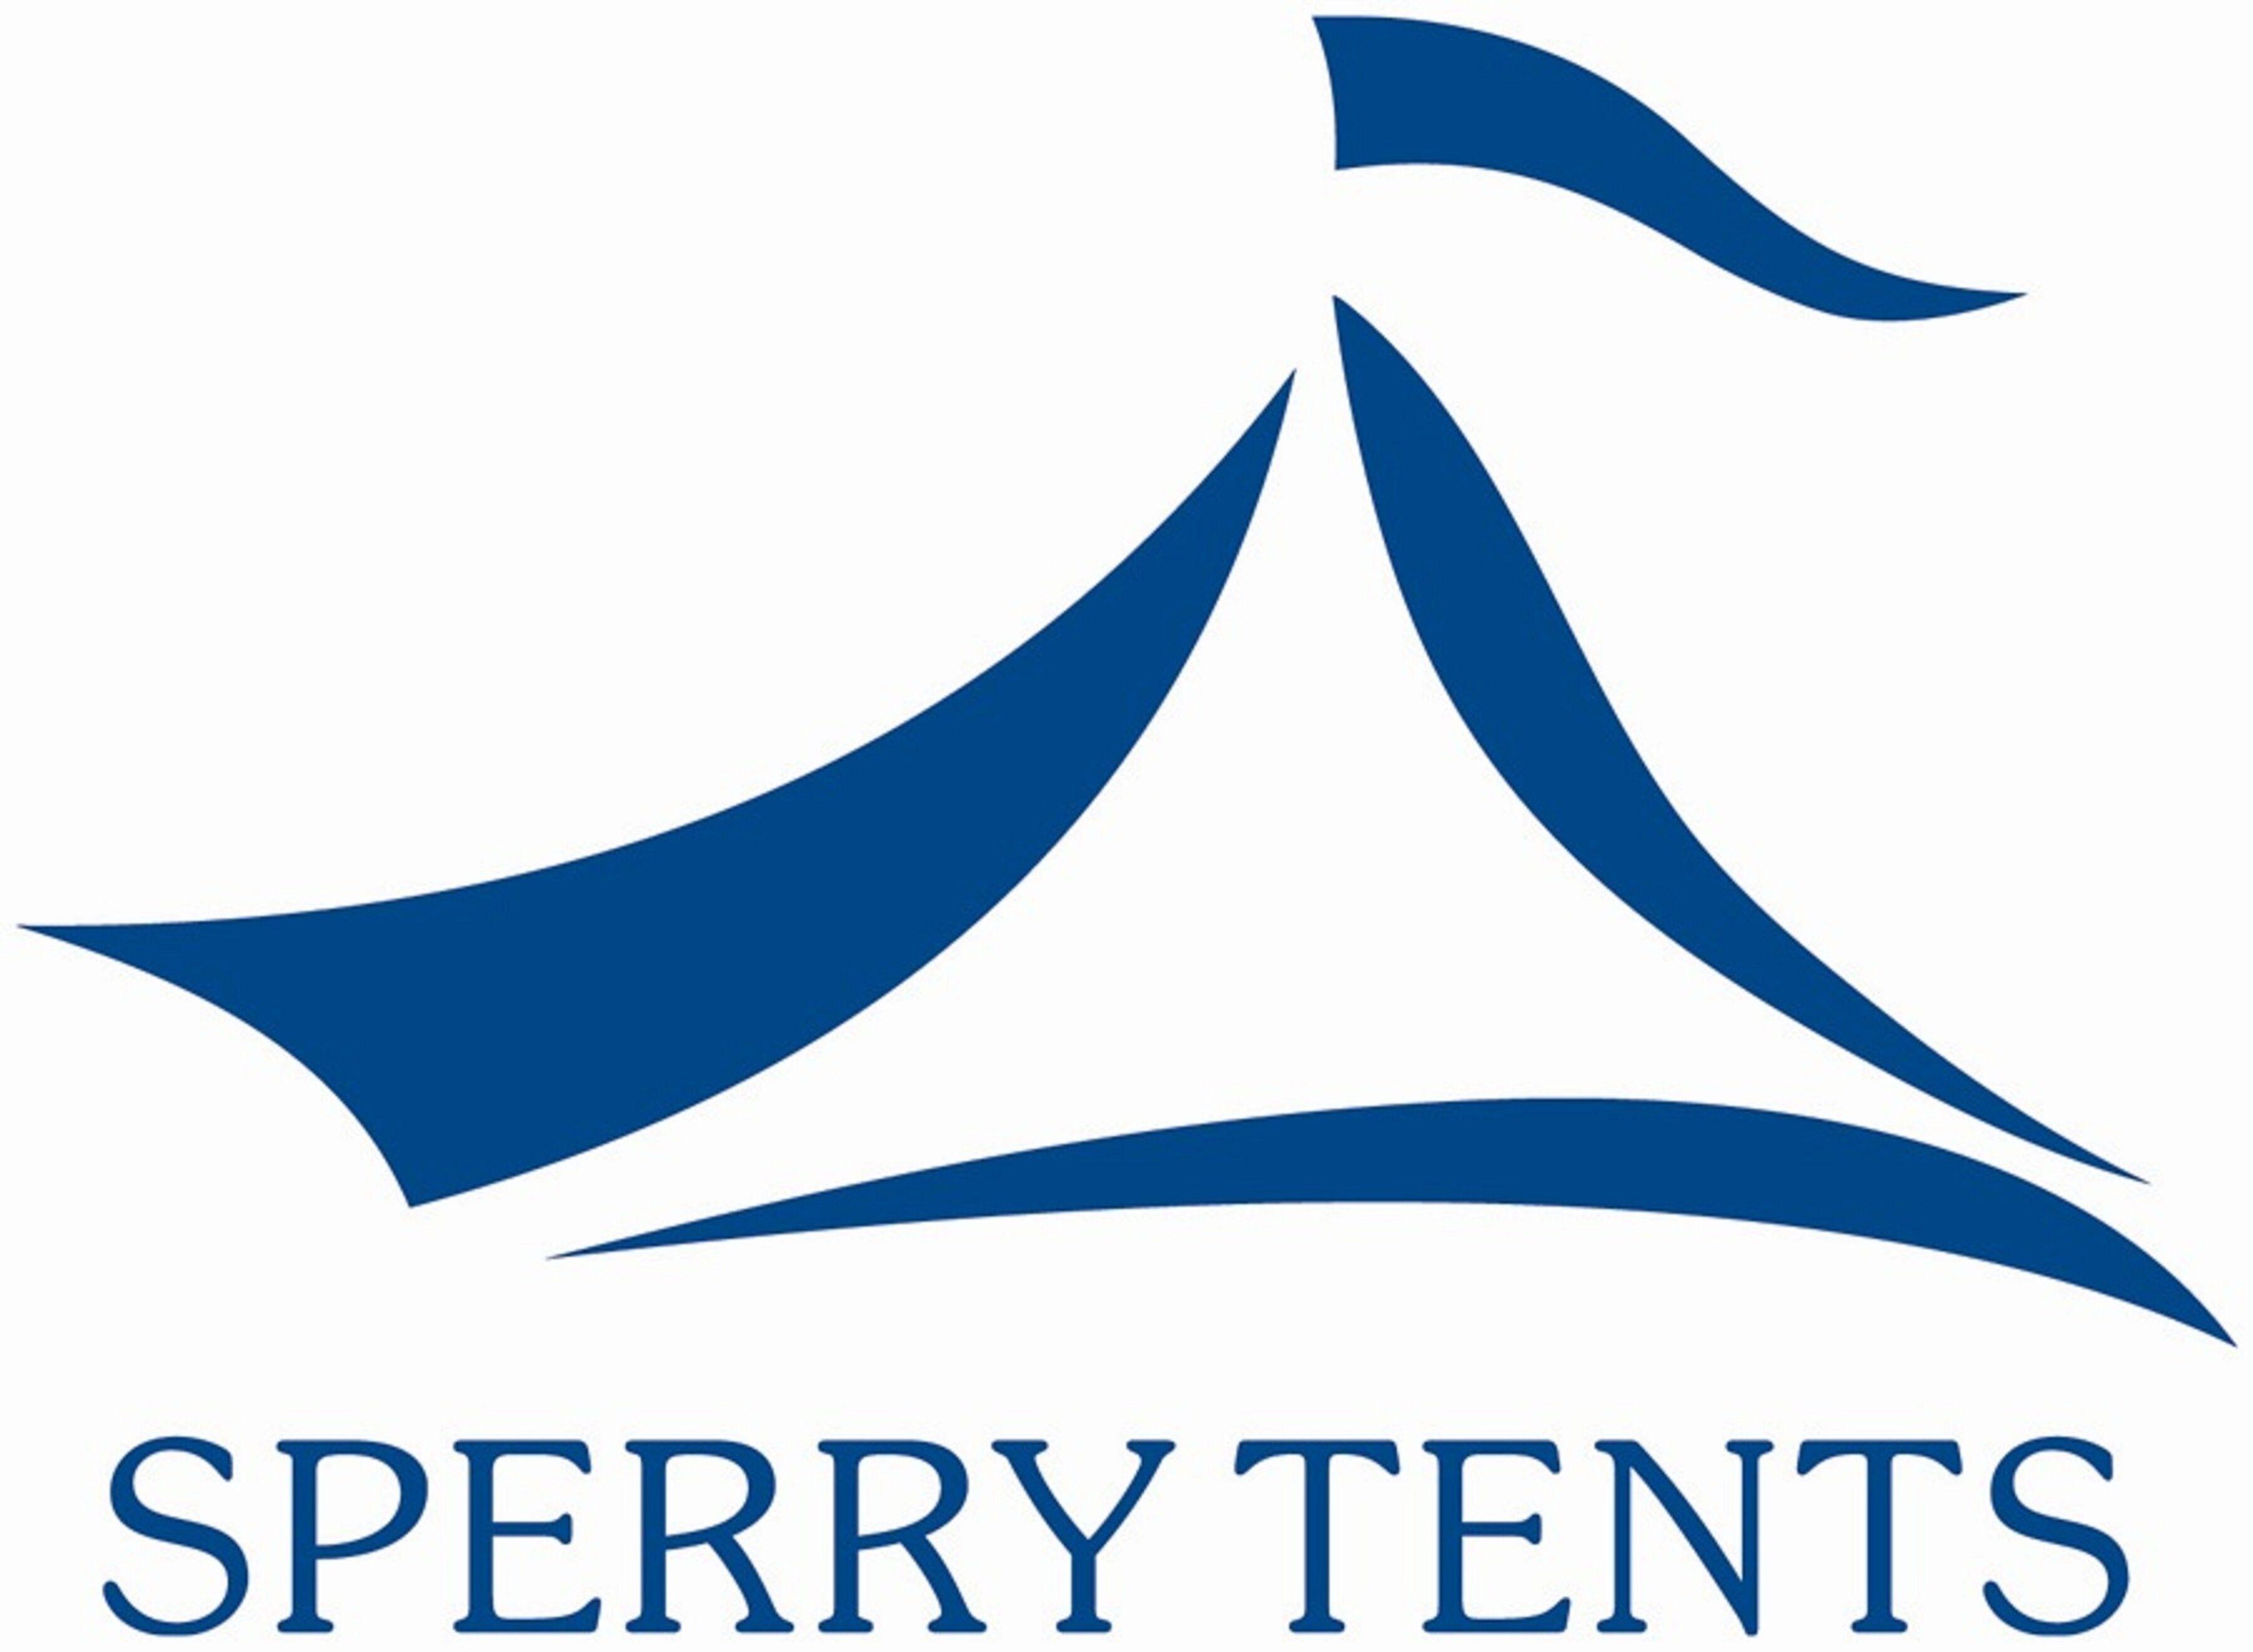 279c2500 e820 488a 8b92 c5053f47a66b  sc 1 st  The Knot & Sperry Tents Hamptons - Bridgehampton NY